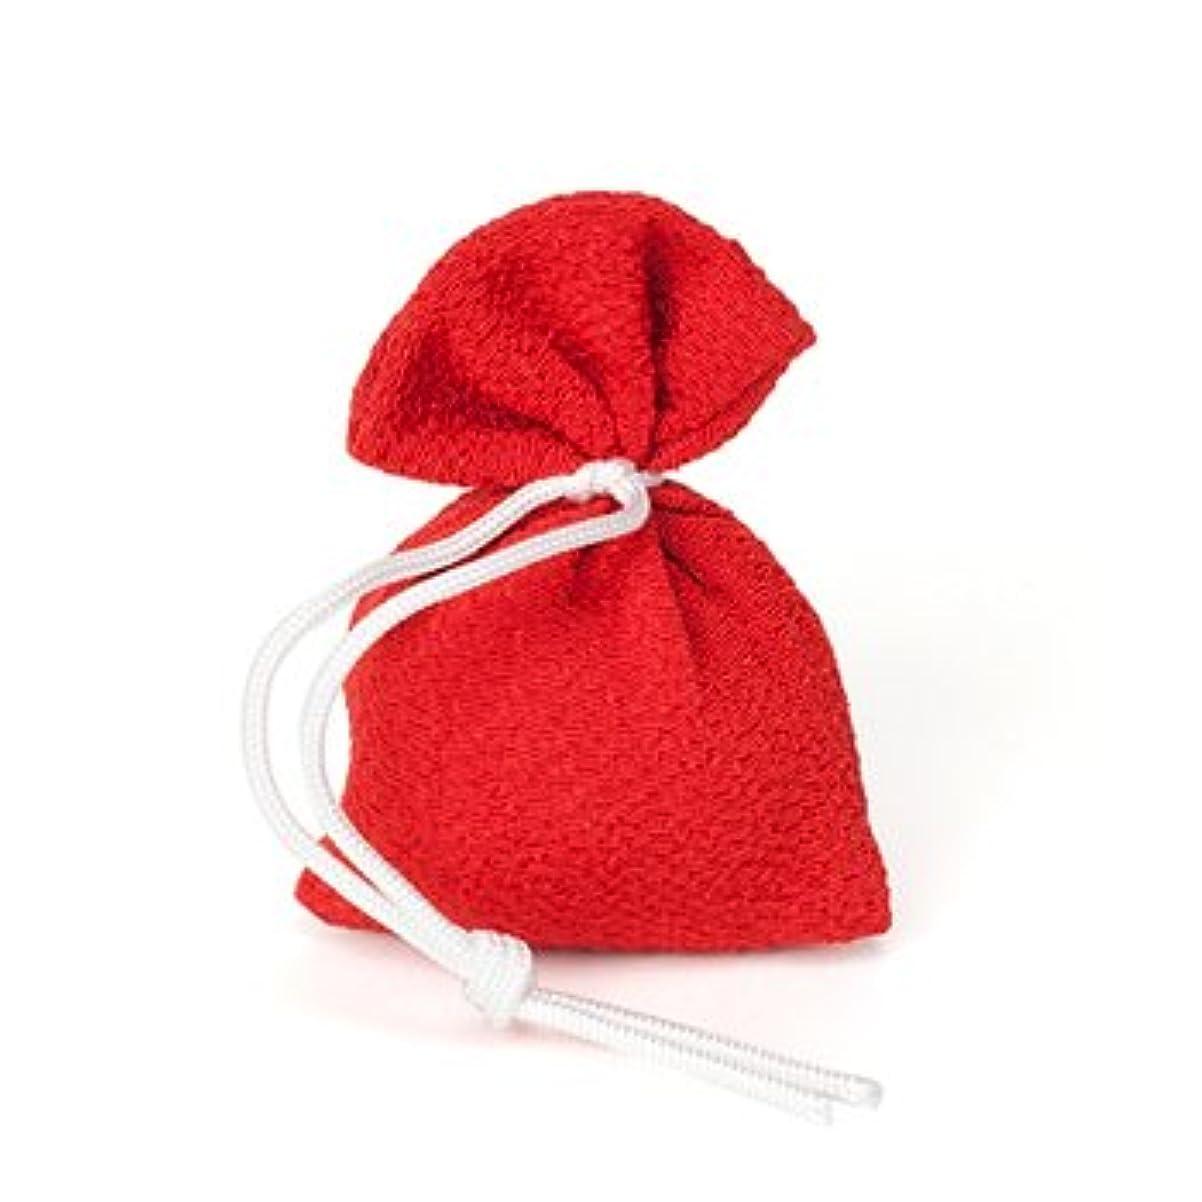 たるみ締める言及する松栄堂 匂い袋 誰が袖 上品(無地) 1個入 (色をお選びください) (赤)